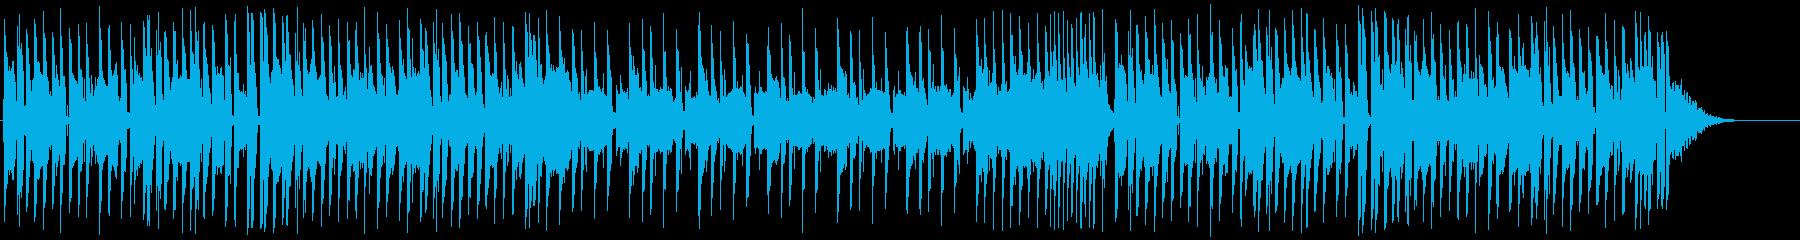 ギターリフが印象的なFutureBassの再生済みの波形